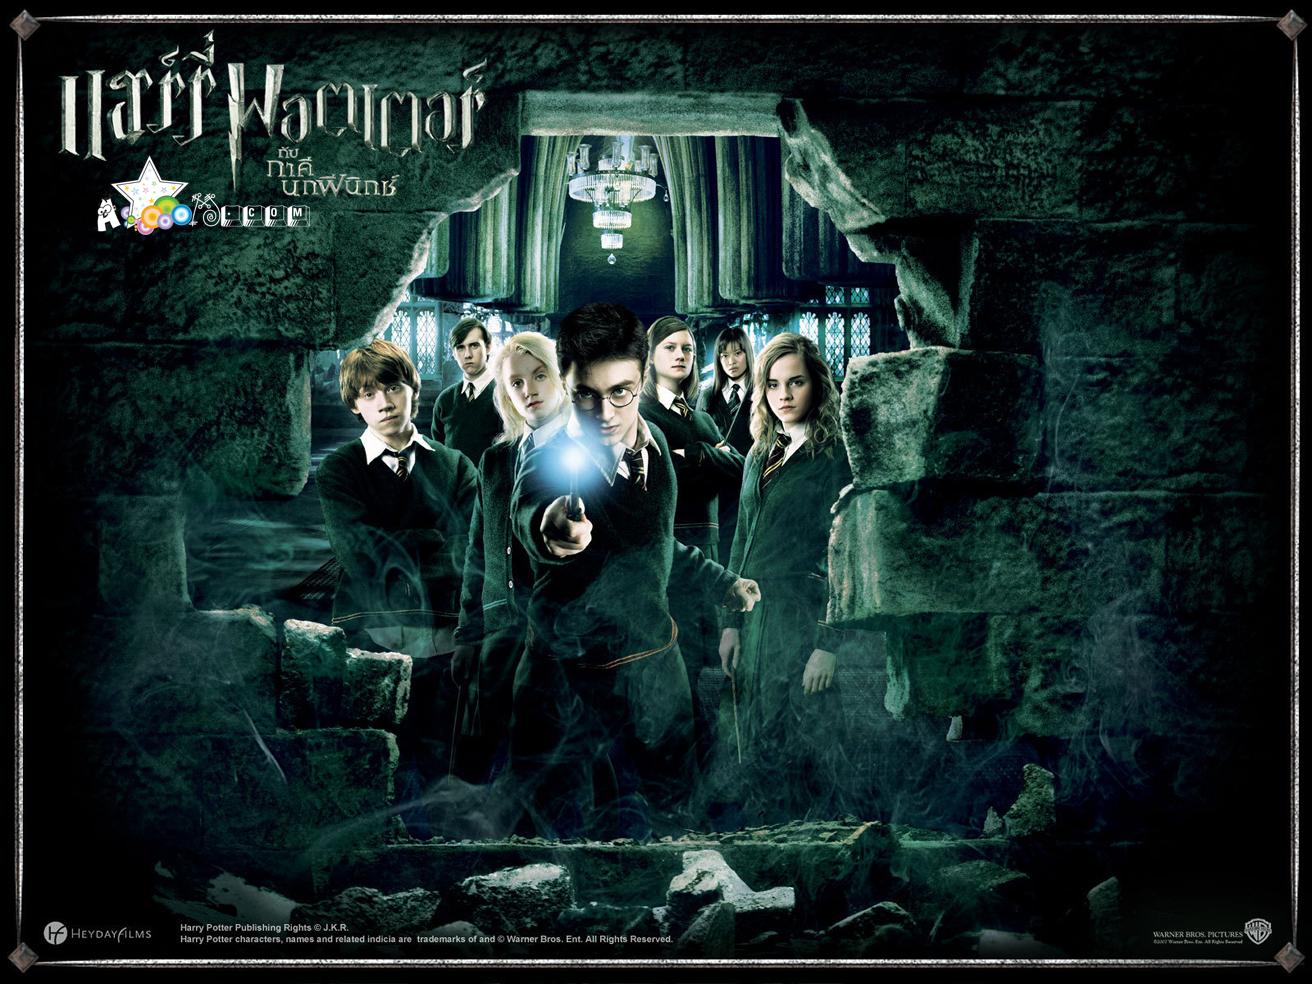 imagens para celular harry potter - Papel de Parede Harry Potter Filme 7 Wallpaper para